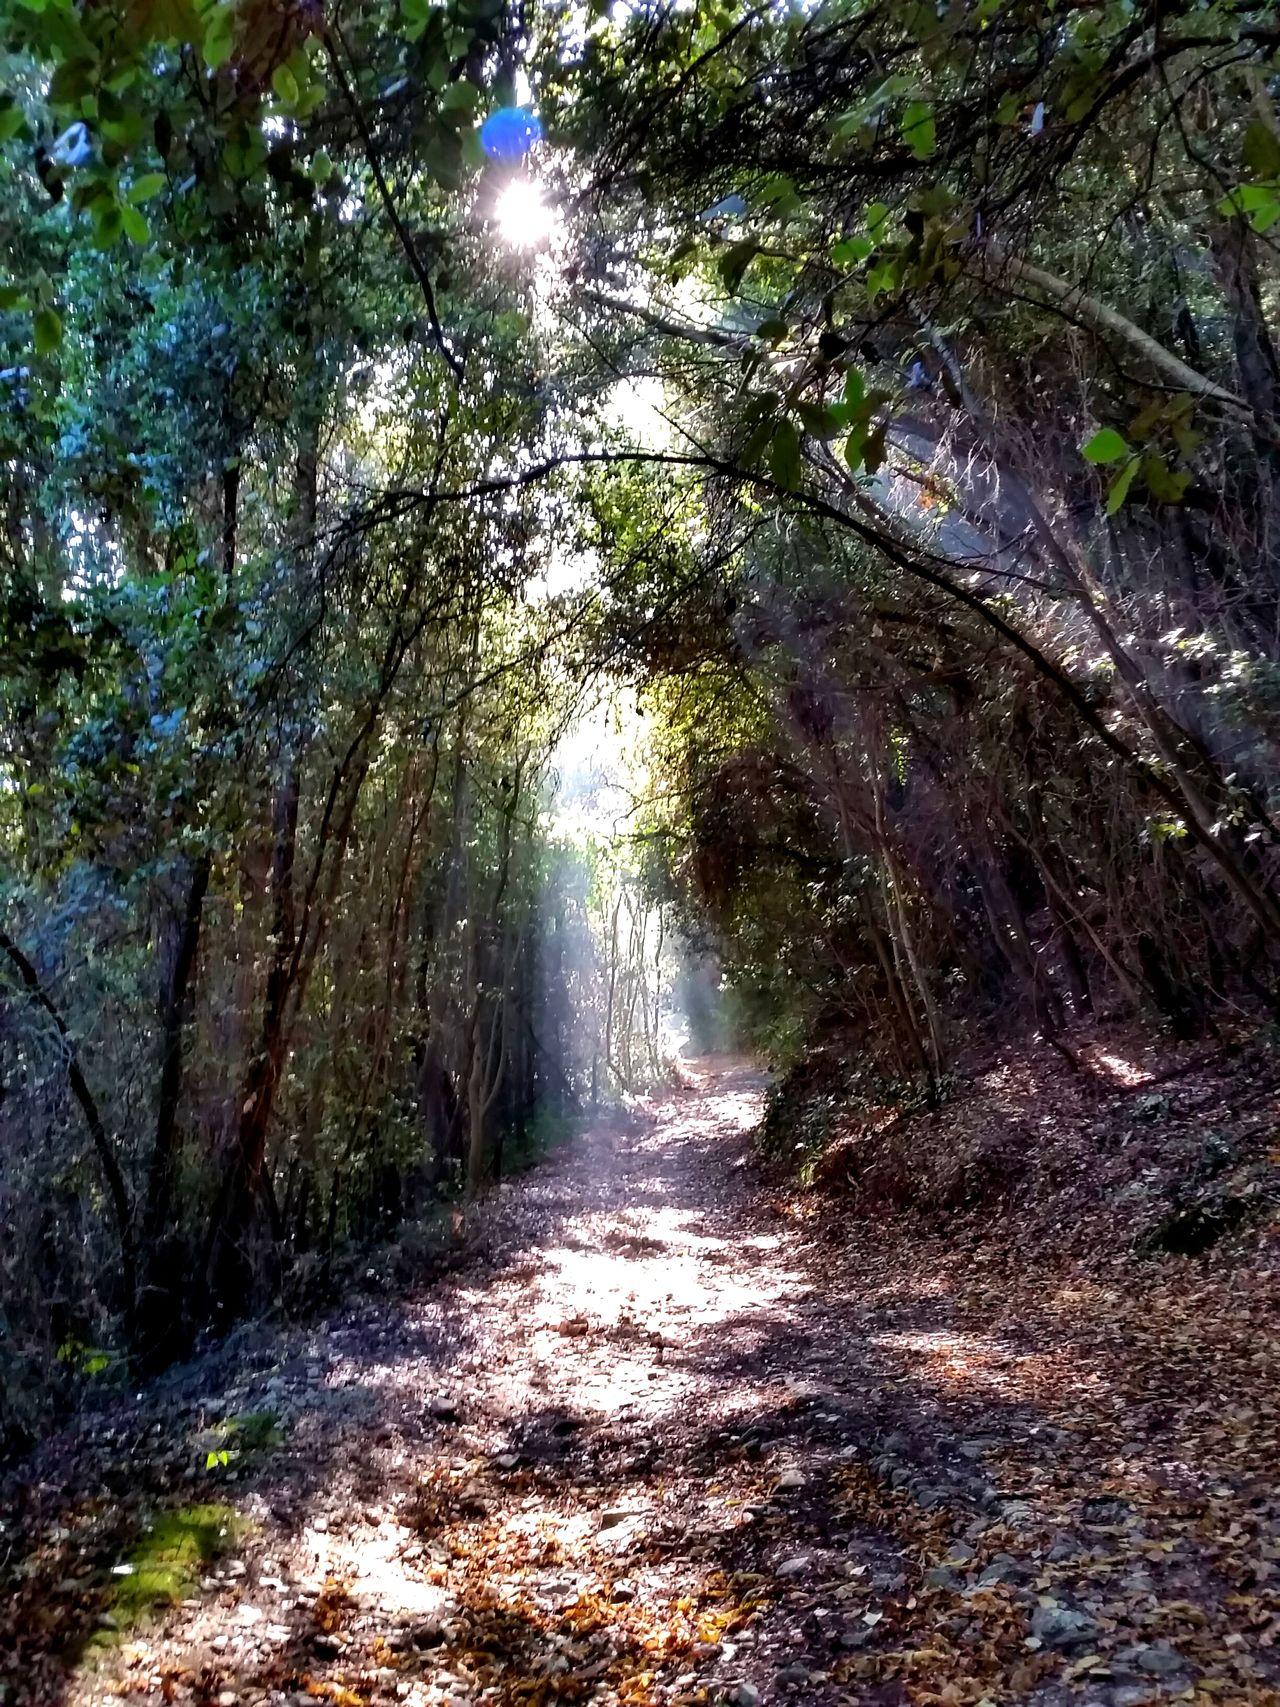 Conero Monte Conero Ancona Marche Italia Bosco Albero Tree Alberi Trees Raggi Raggiodisole Outdoors Nature Ray Of Light Rays Rayoflight Rays Of The Sun Autunno  Autumn